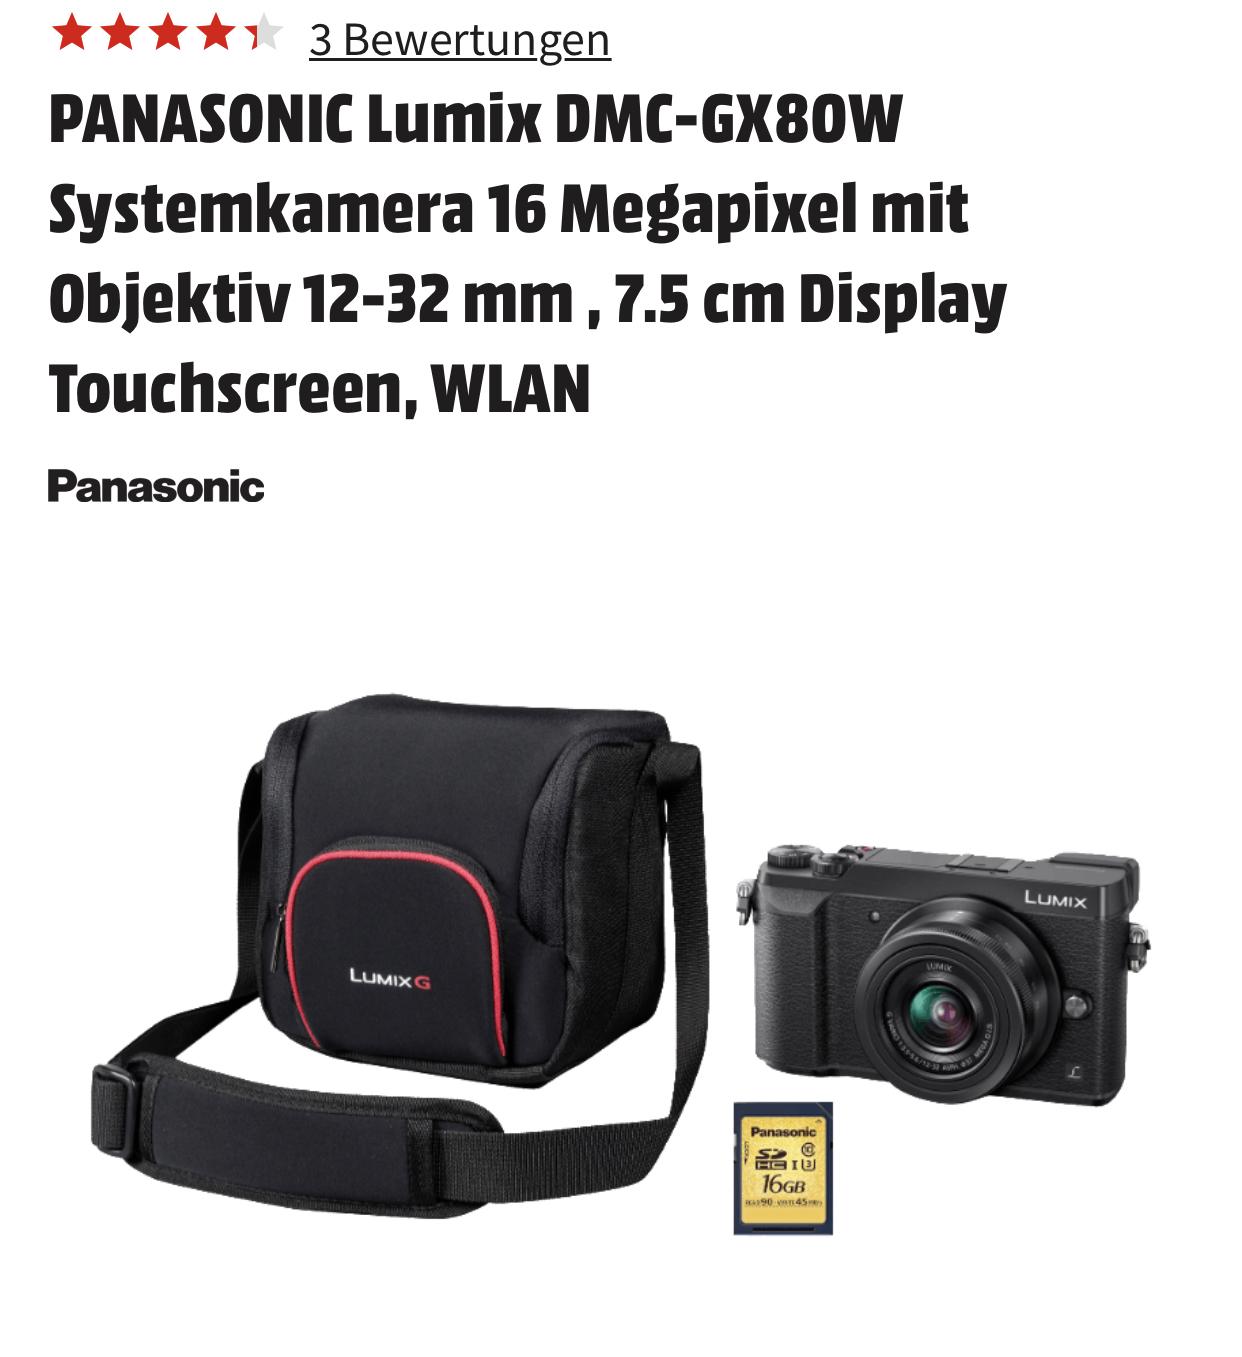 PANASONIC Lumix DMC-GX80 Systemkamera GX80 MFT 16 Megapixel mit Objektiv 12-32 mm inkl. Tasche und SD-Karte